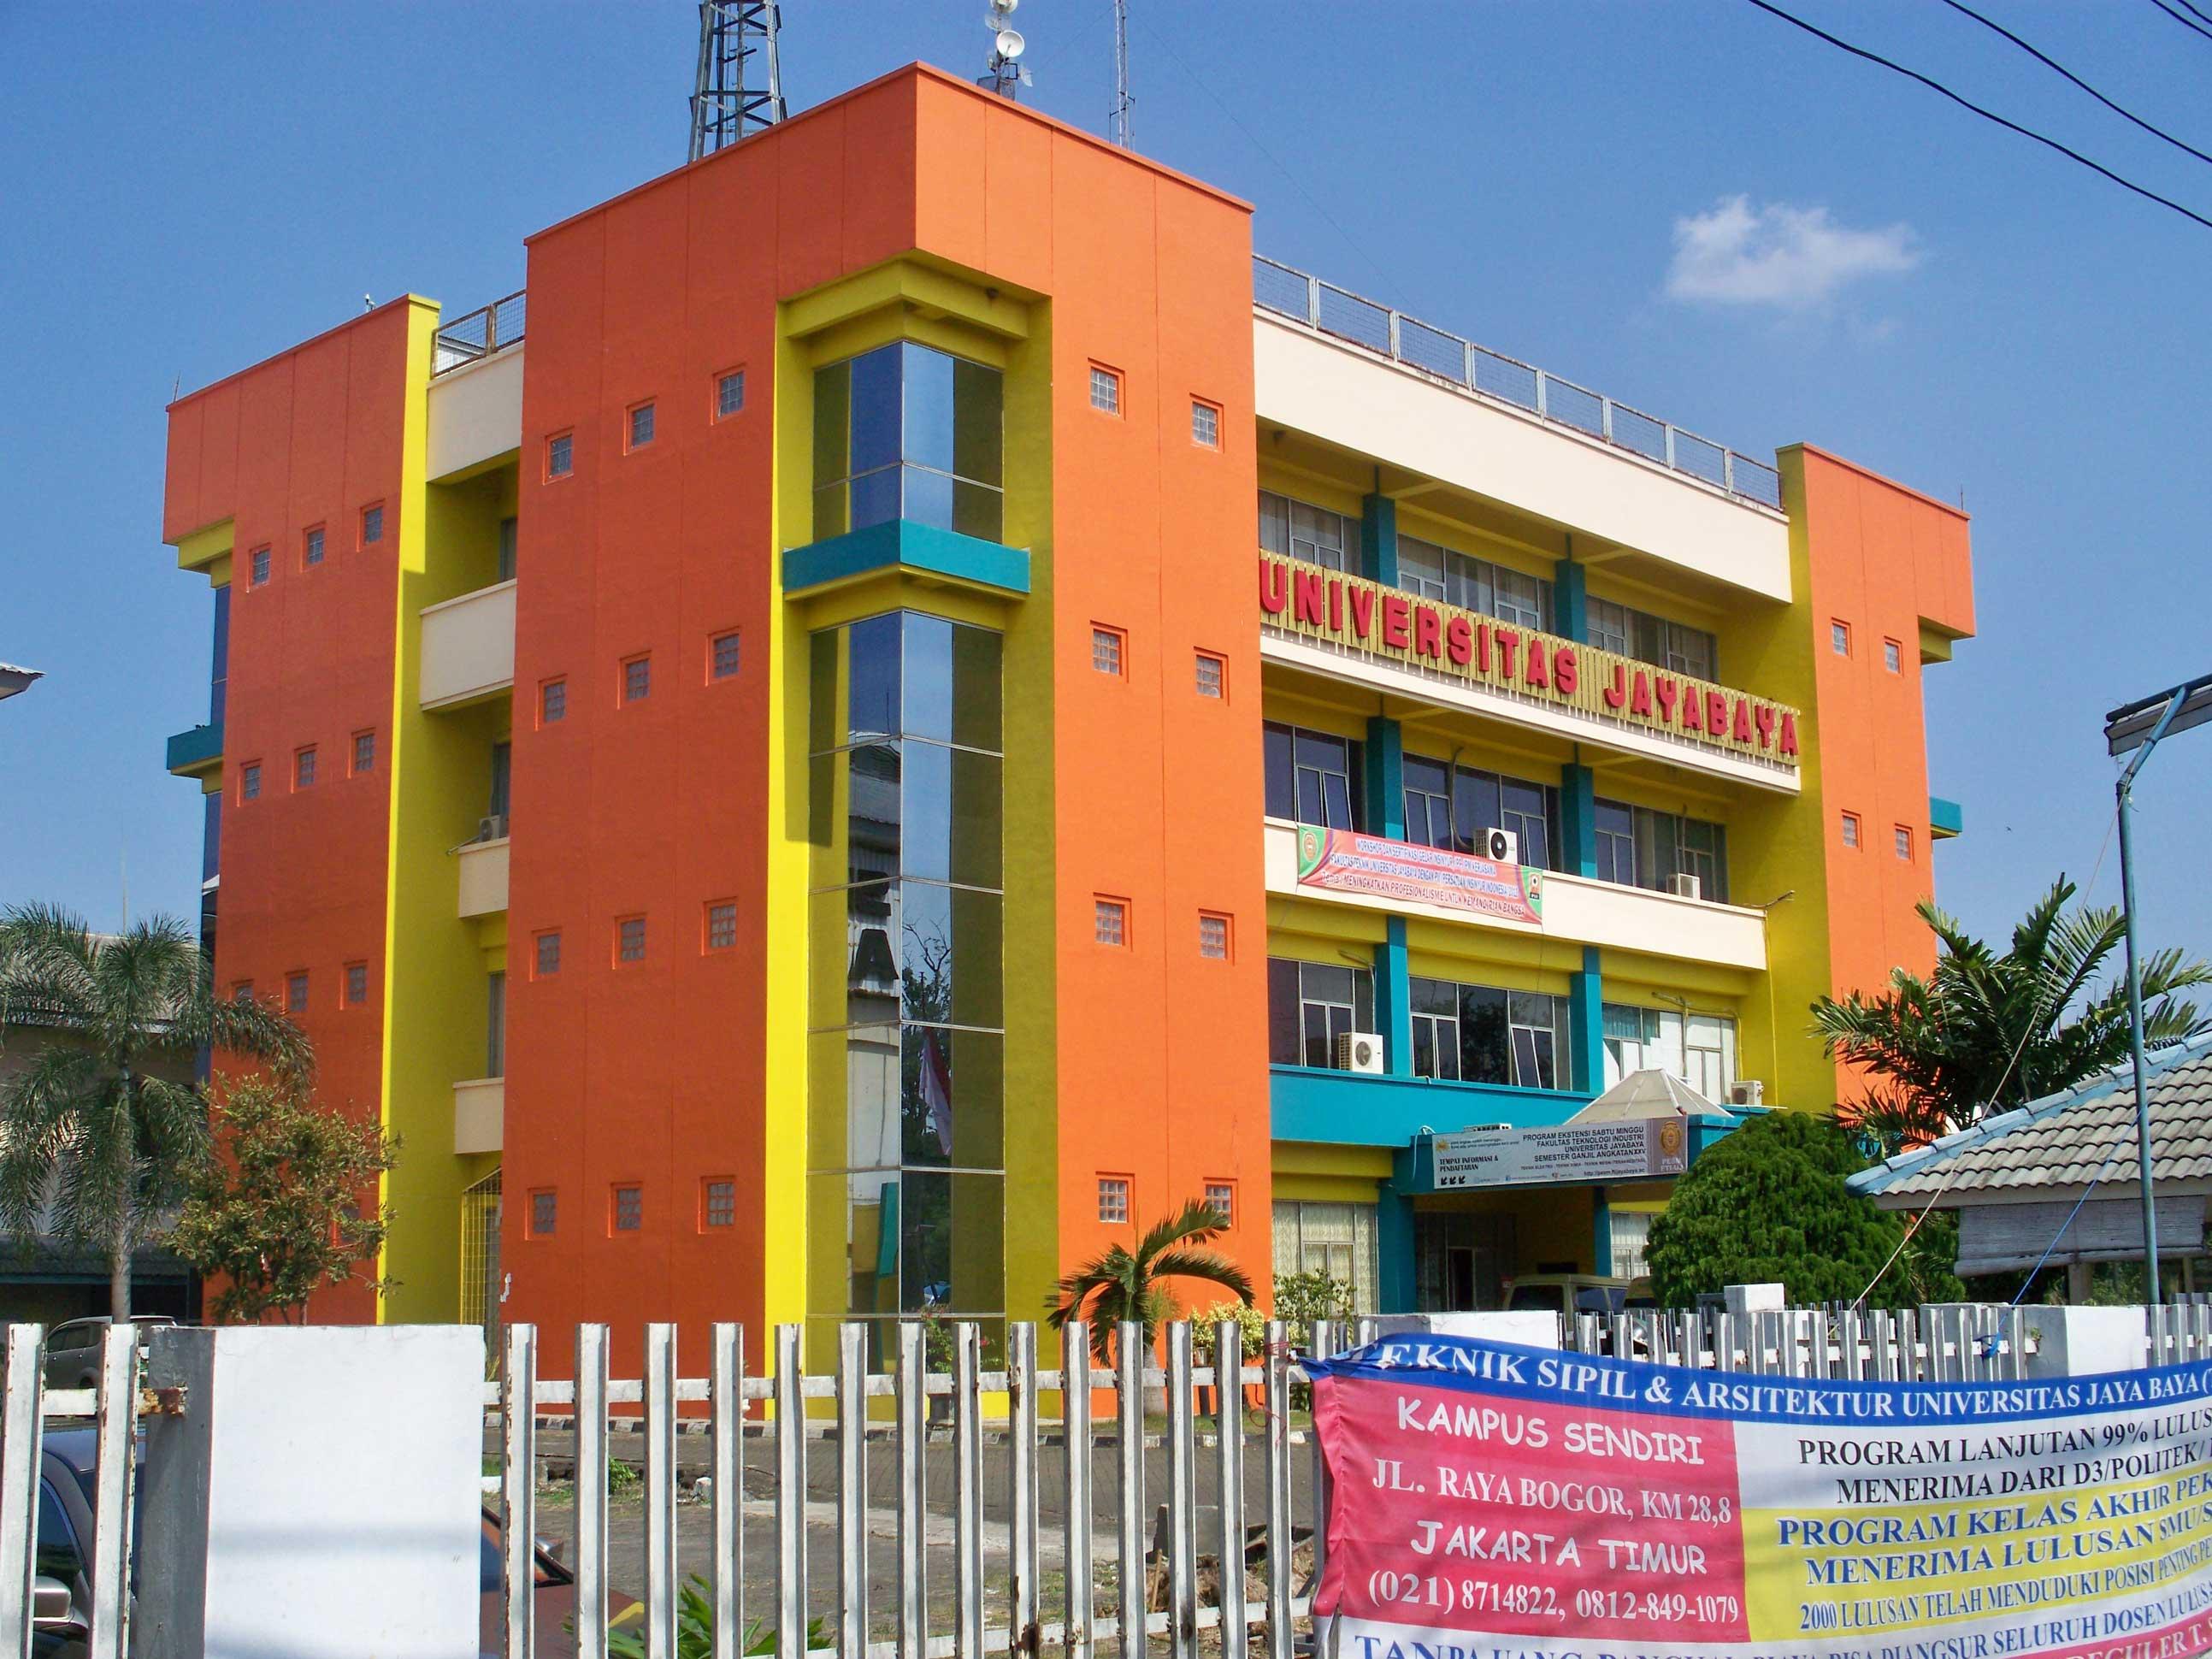 Jurusan di Universitas Jayabaya Lengkap dengan Akreditasinya